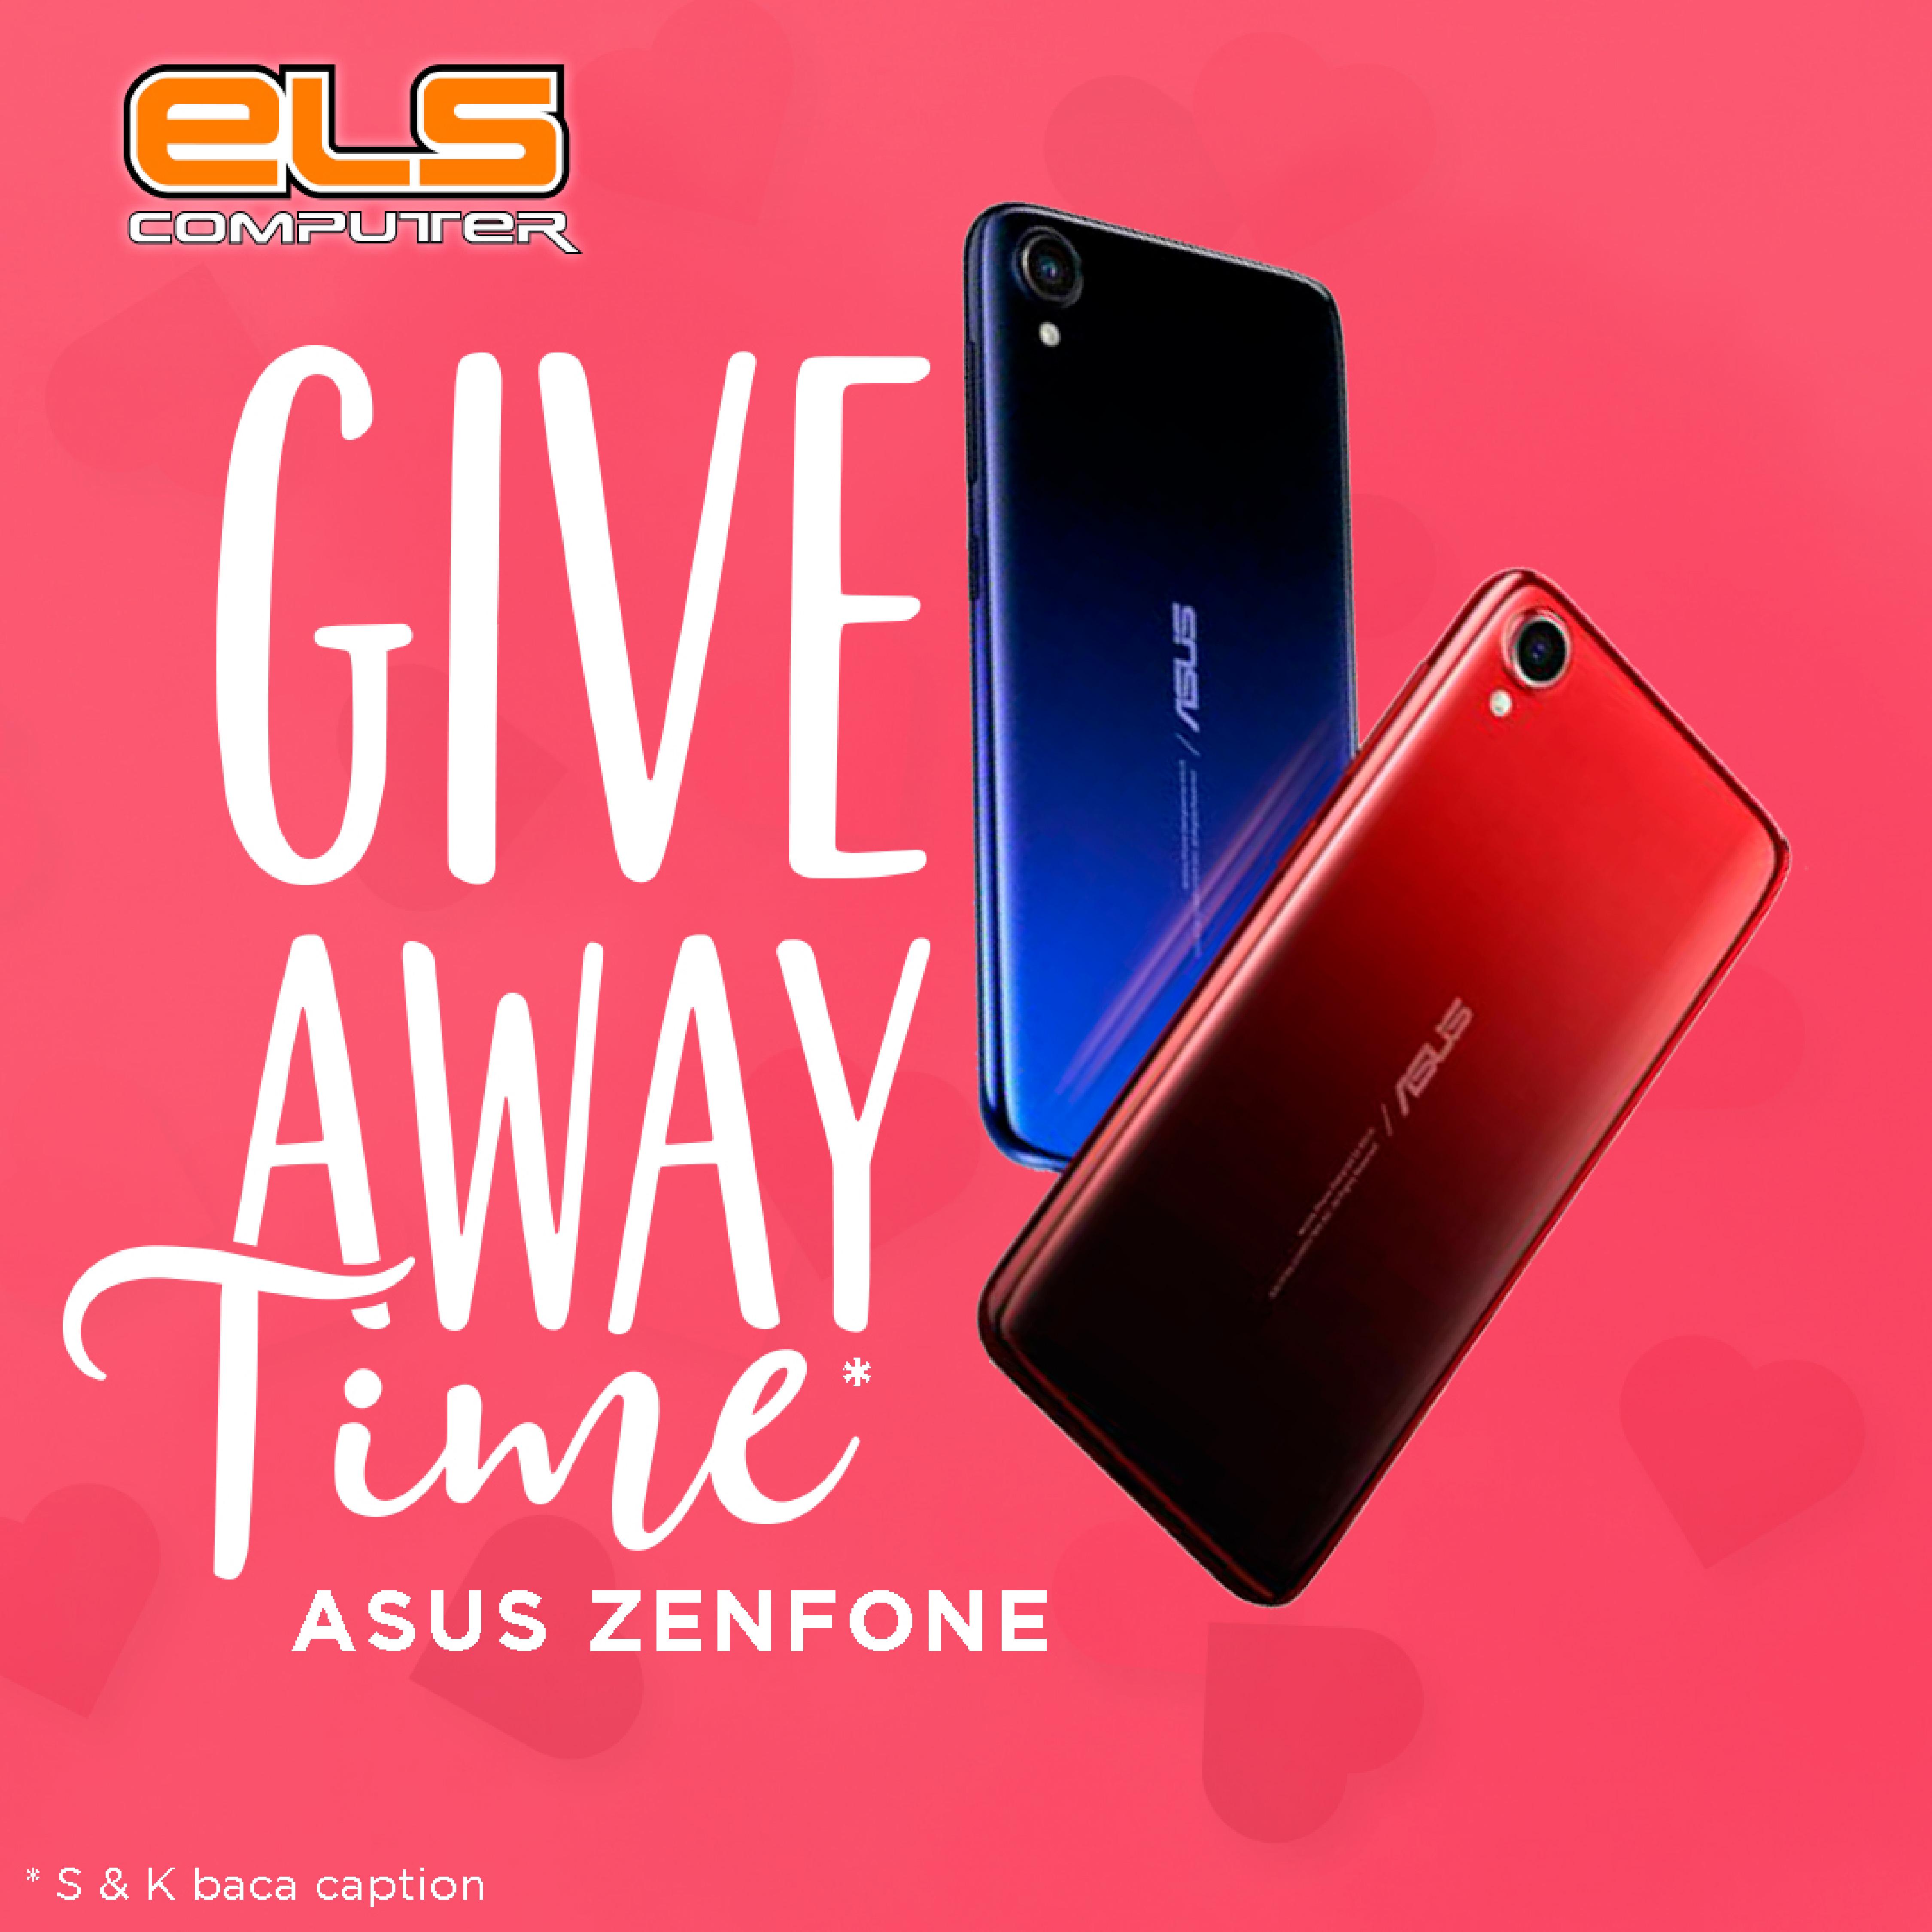 ELS Computer Semarang Giveaway Smartphone ASUS!!!